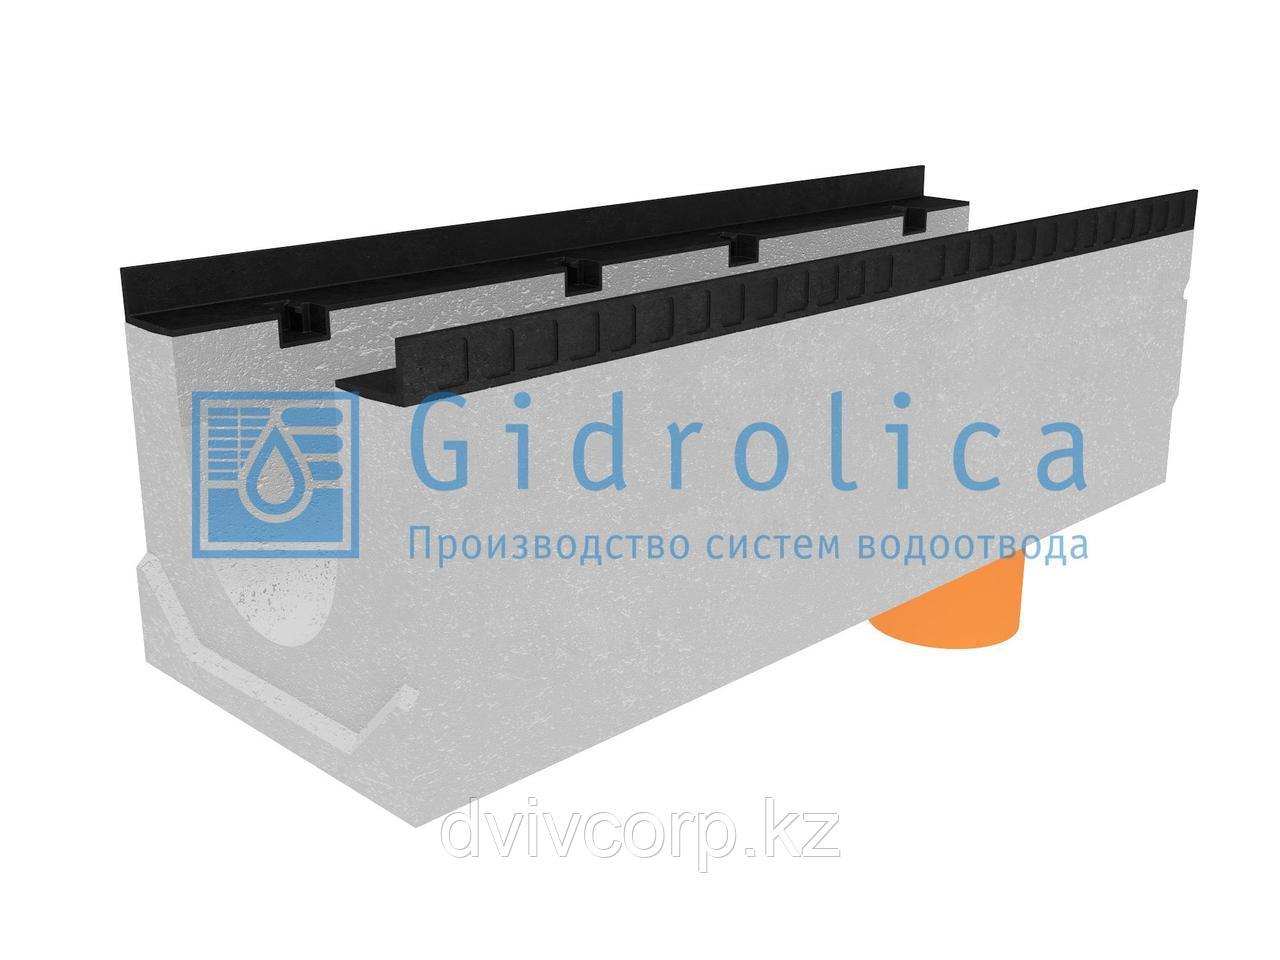 Лоток водоотводный бетонный коробчатый (СО-200мм), с водосливом КUв 100.34(20).31(24) - BGМ, № 0